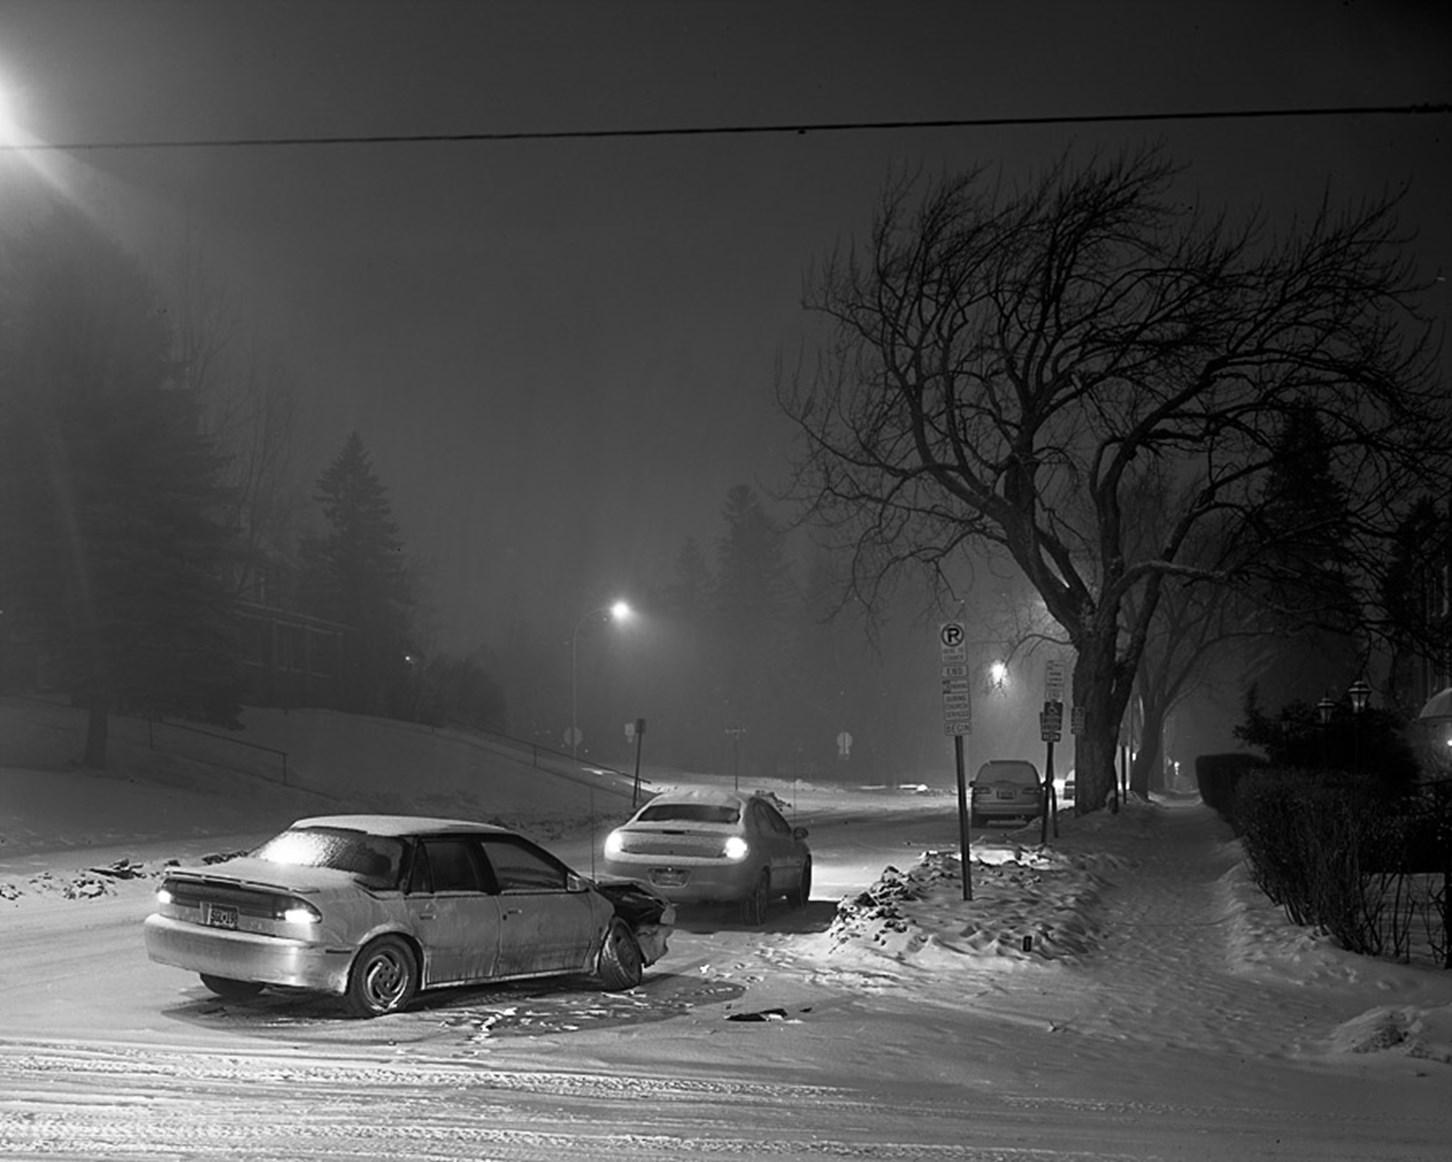 Winter Car Crash, Duluth, Minnesota, December 2010